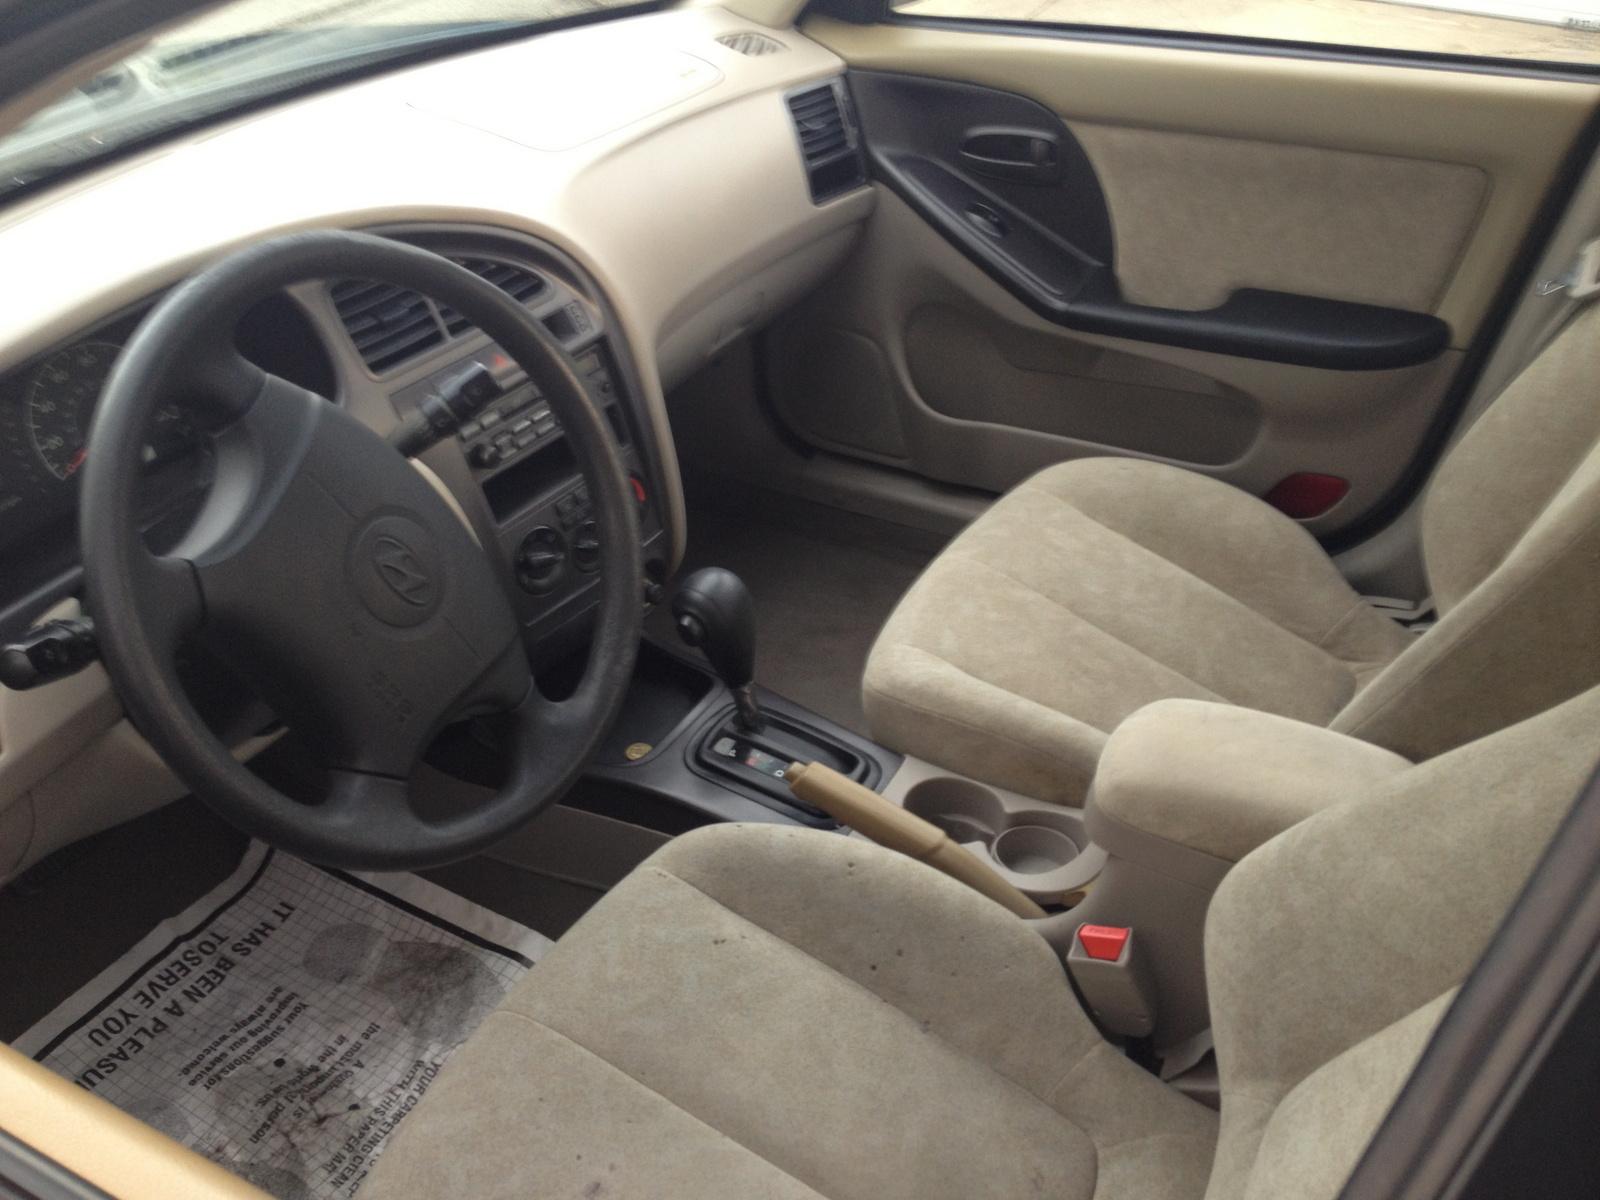 2003 Hyundai Elantra Interior Pictures Cargurus